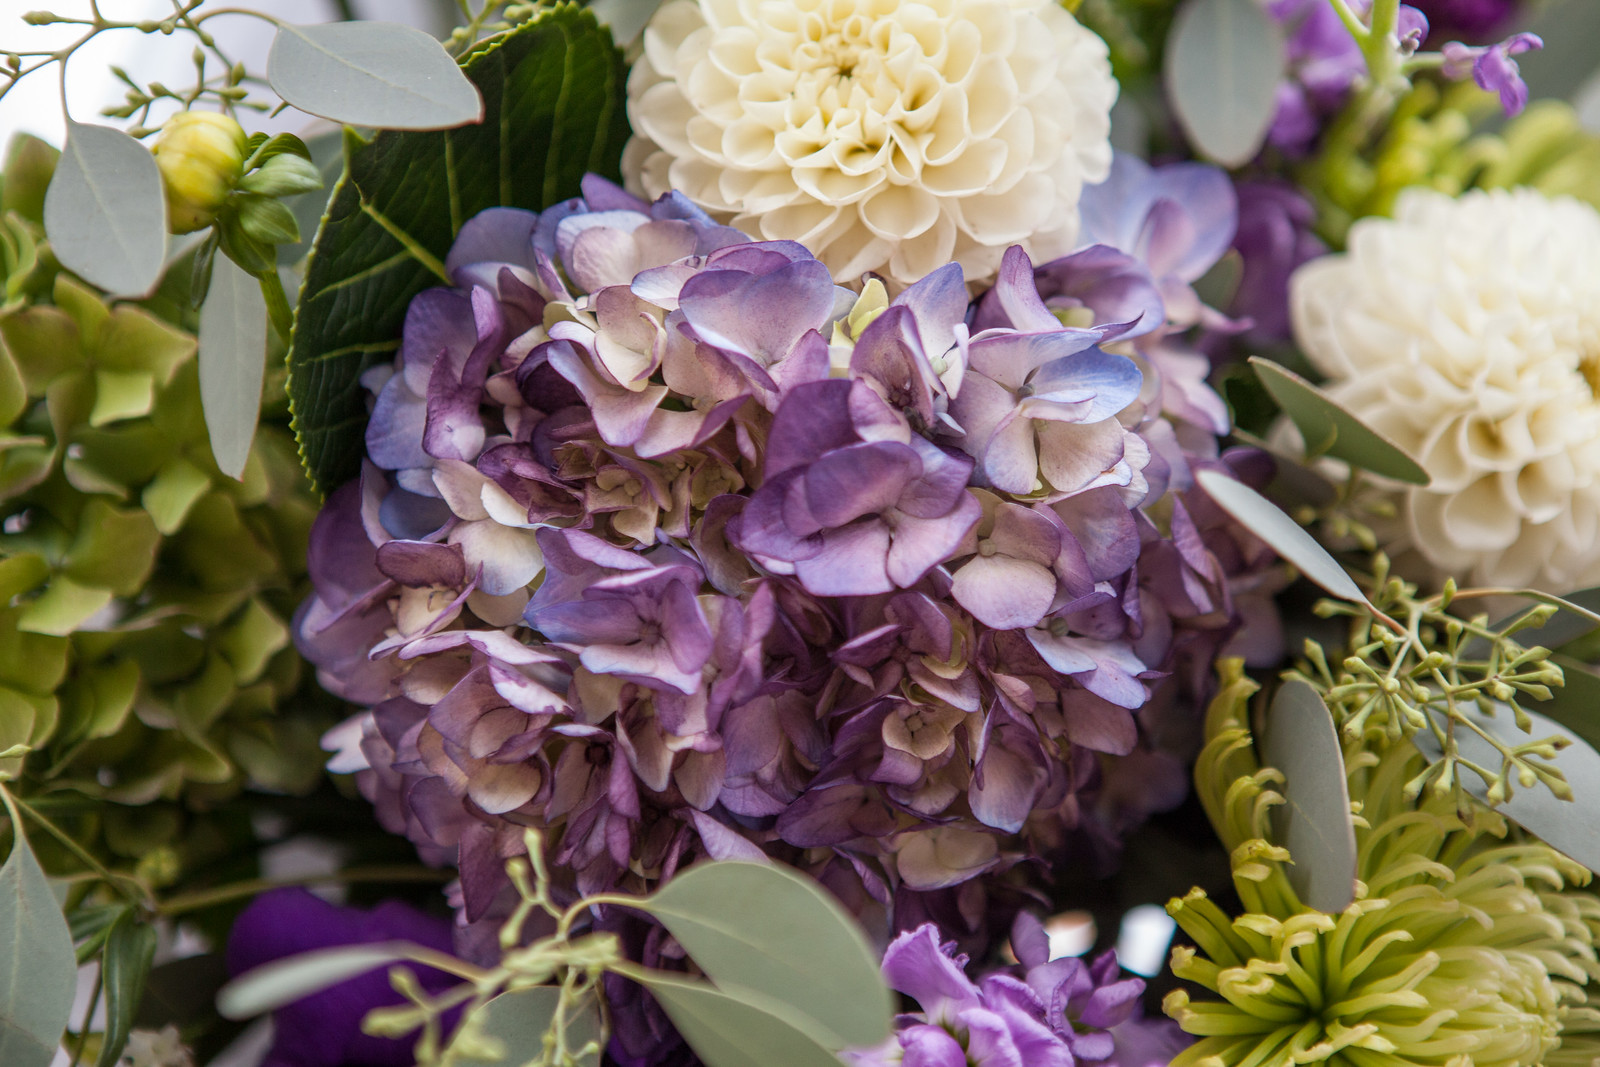 Flowers By Kimberly Kaye